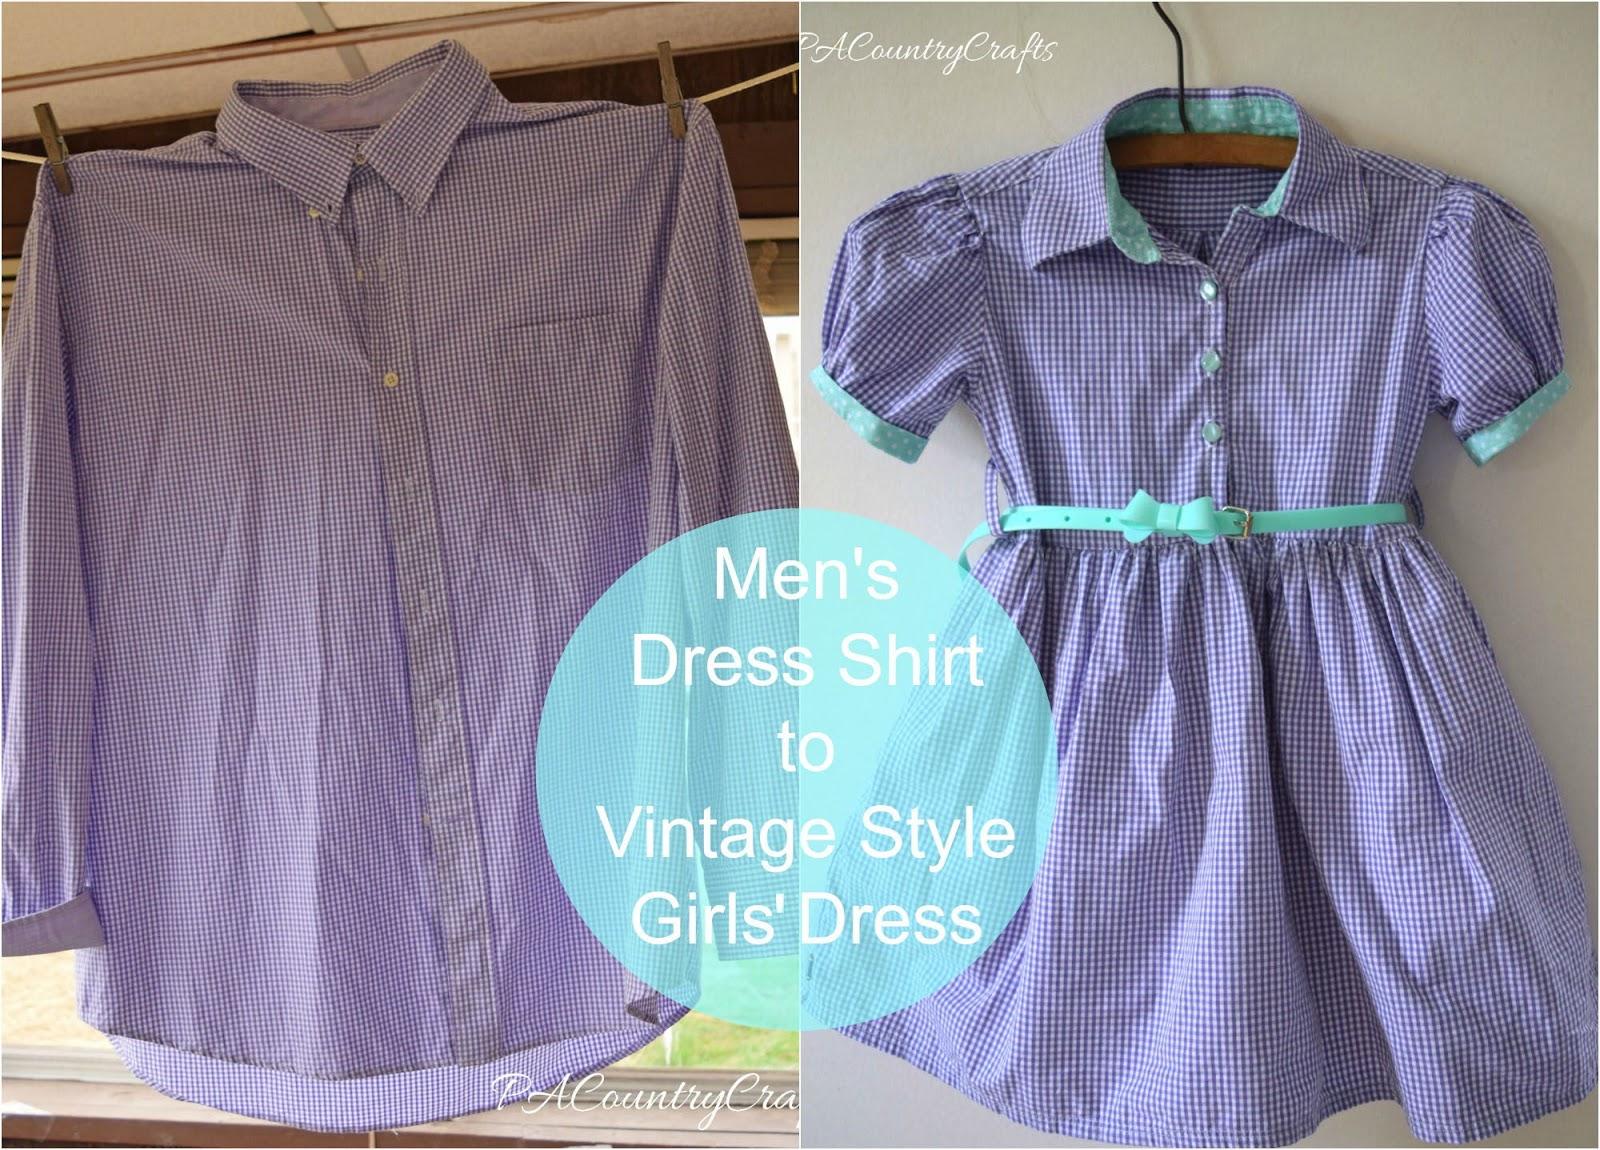 370e83d77ed8 15 Ιδέες για να Μετατρέψετε ένα Ανδρικό Πουκάμισο σε Παιδικό Φόρεμα ...